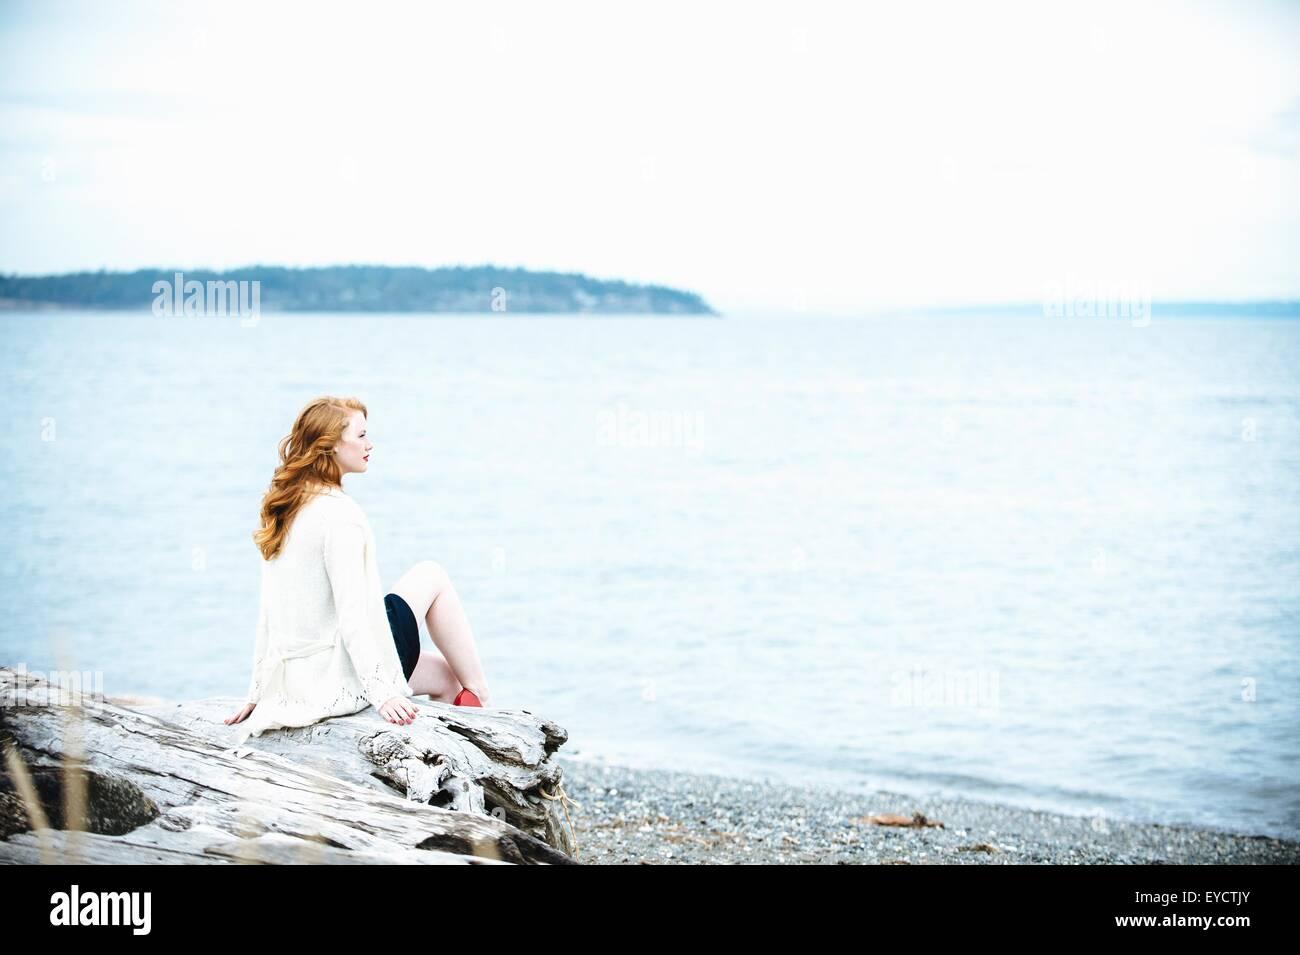 Jeune femme assise sur la plage face à la mer, Bainbridge Island, Washington State, USA Photo Stock